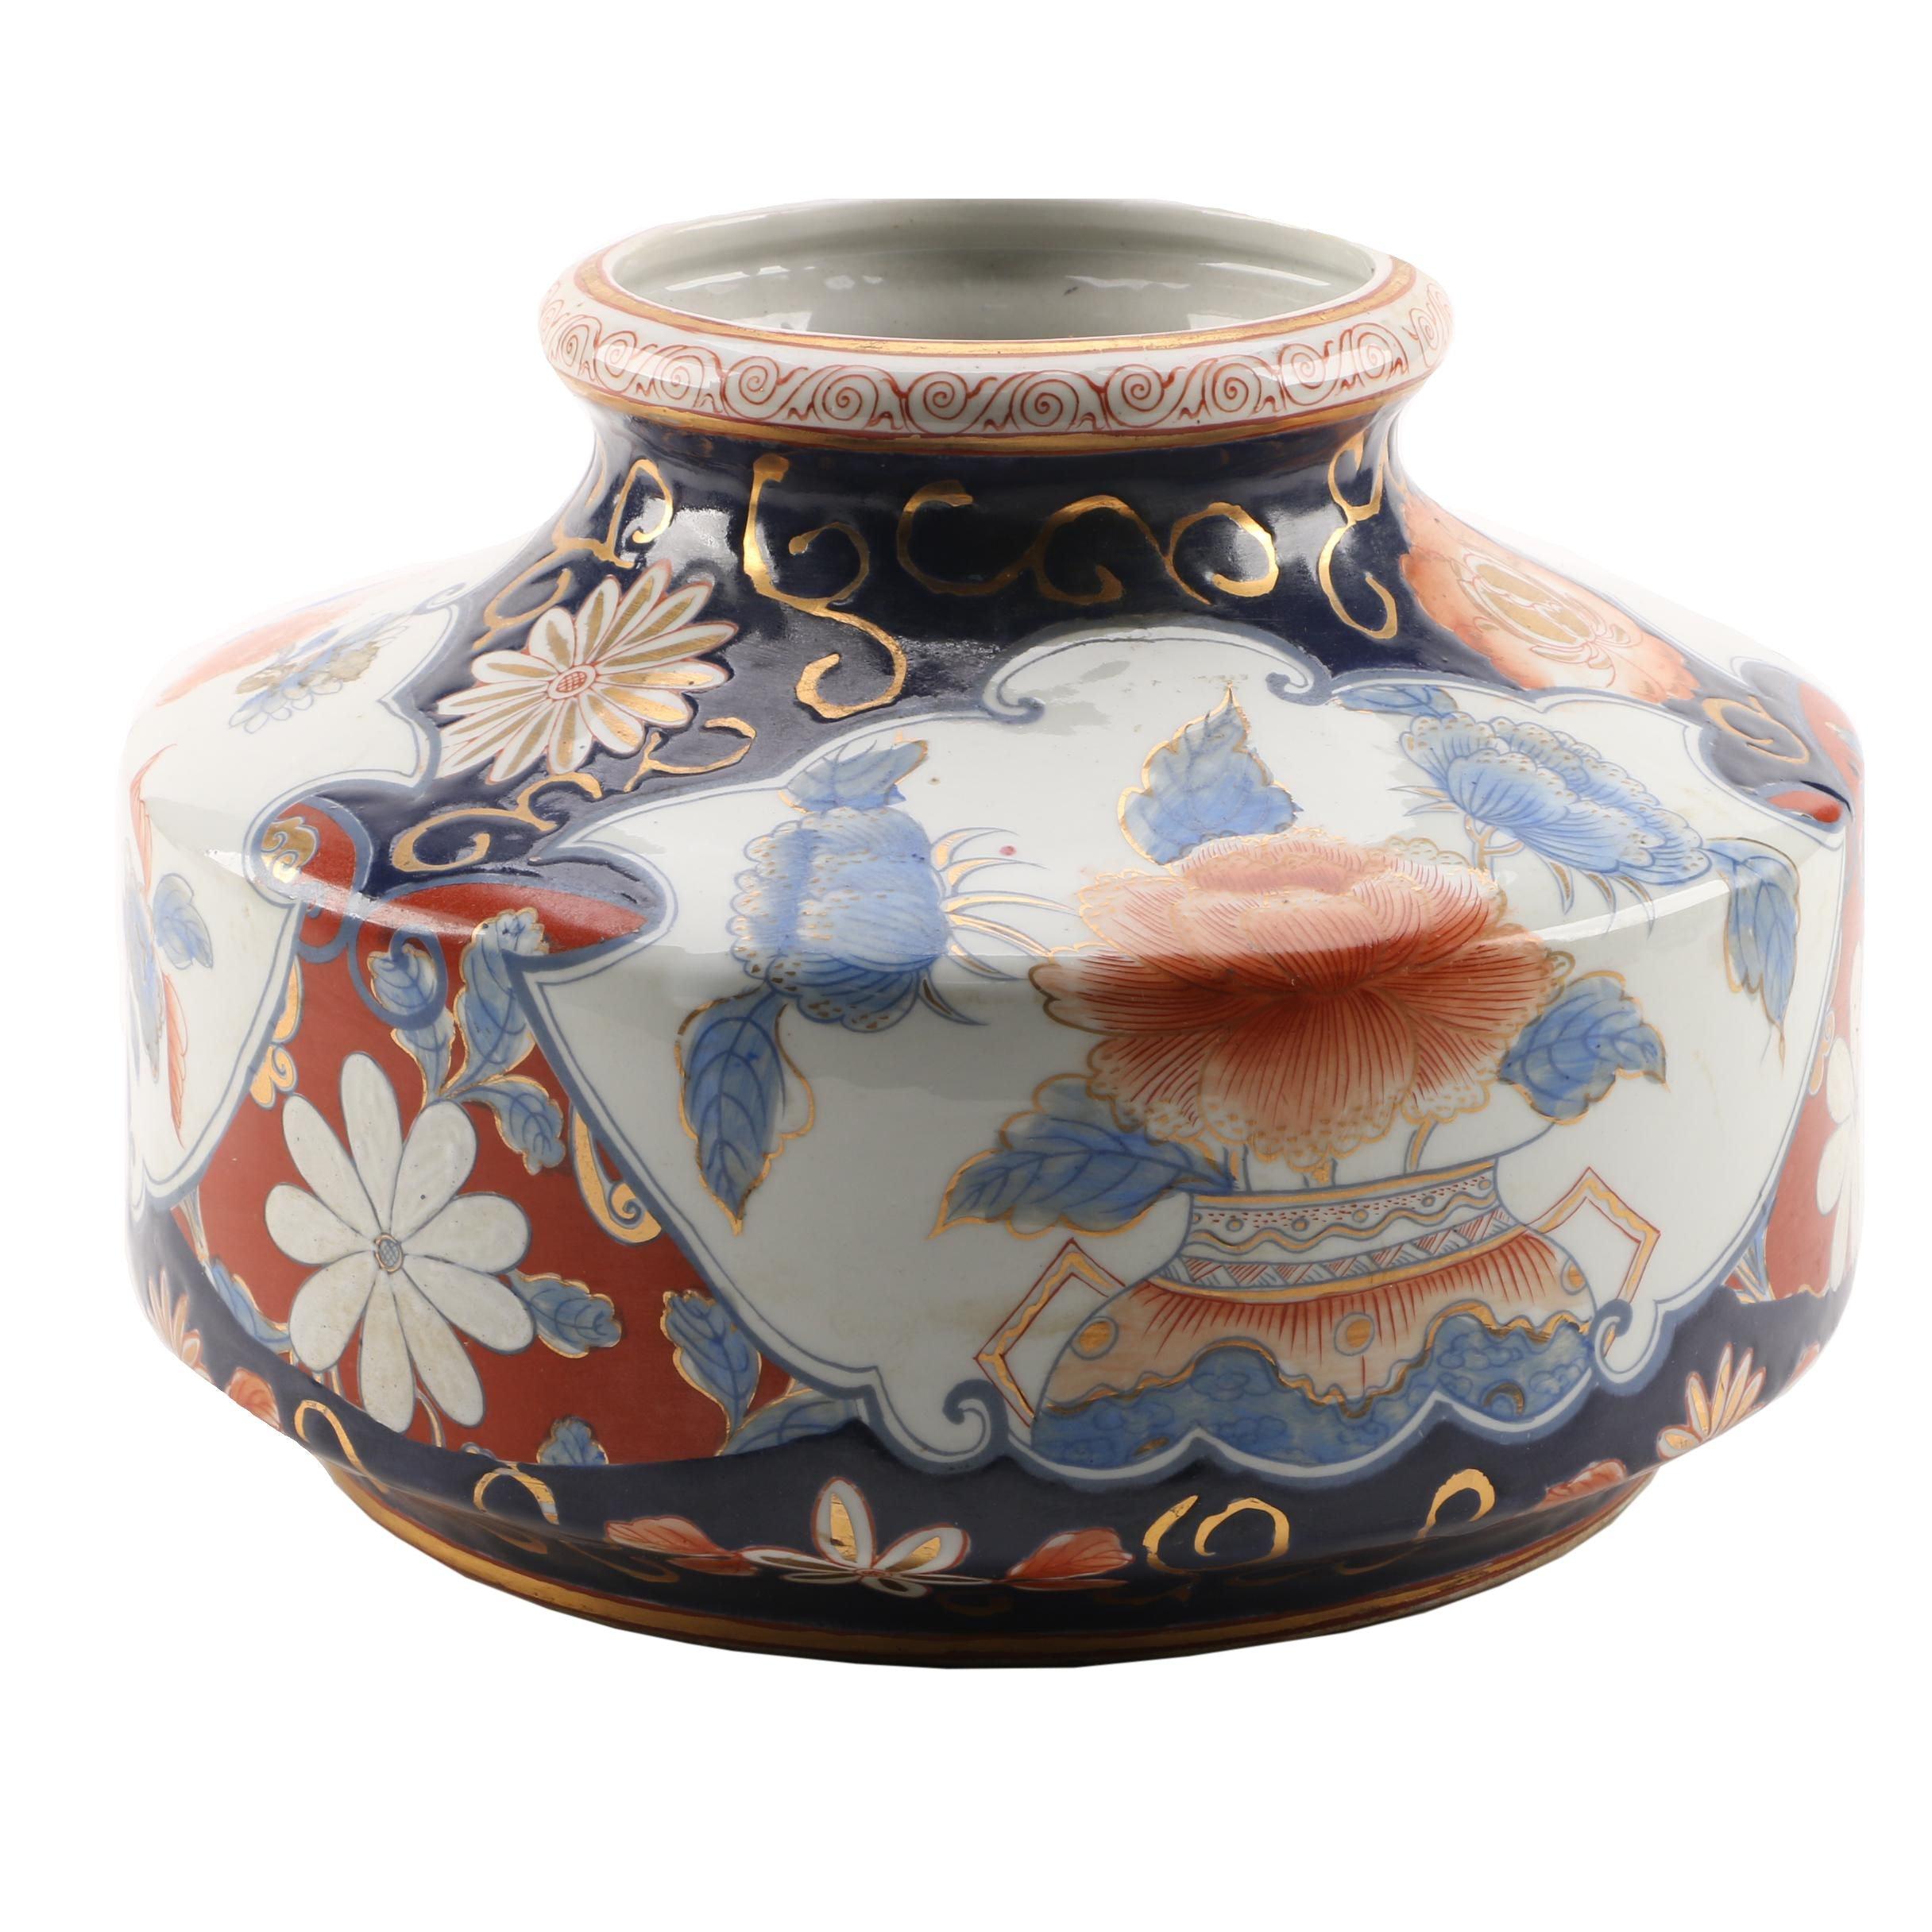 Imari Style Ceramic Vase